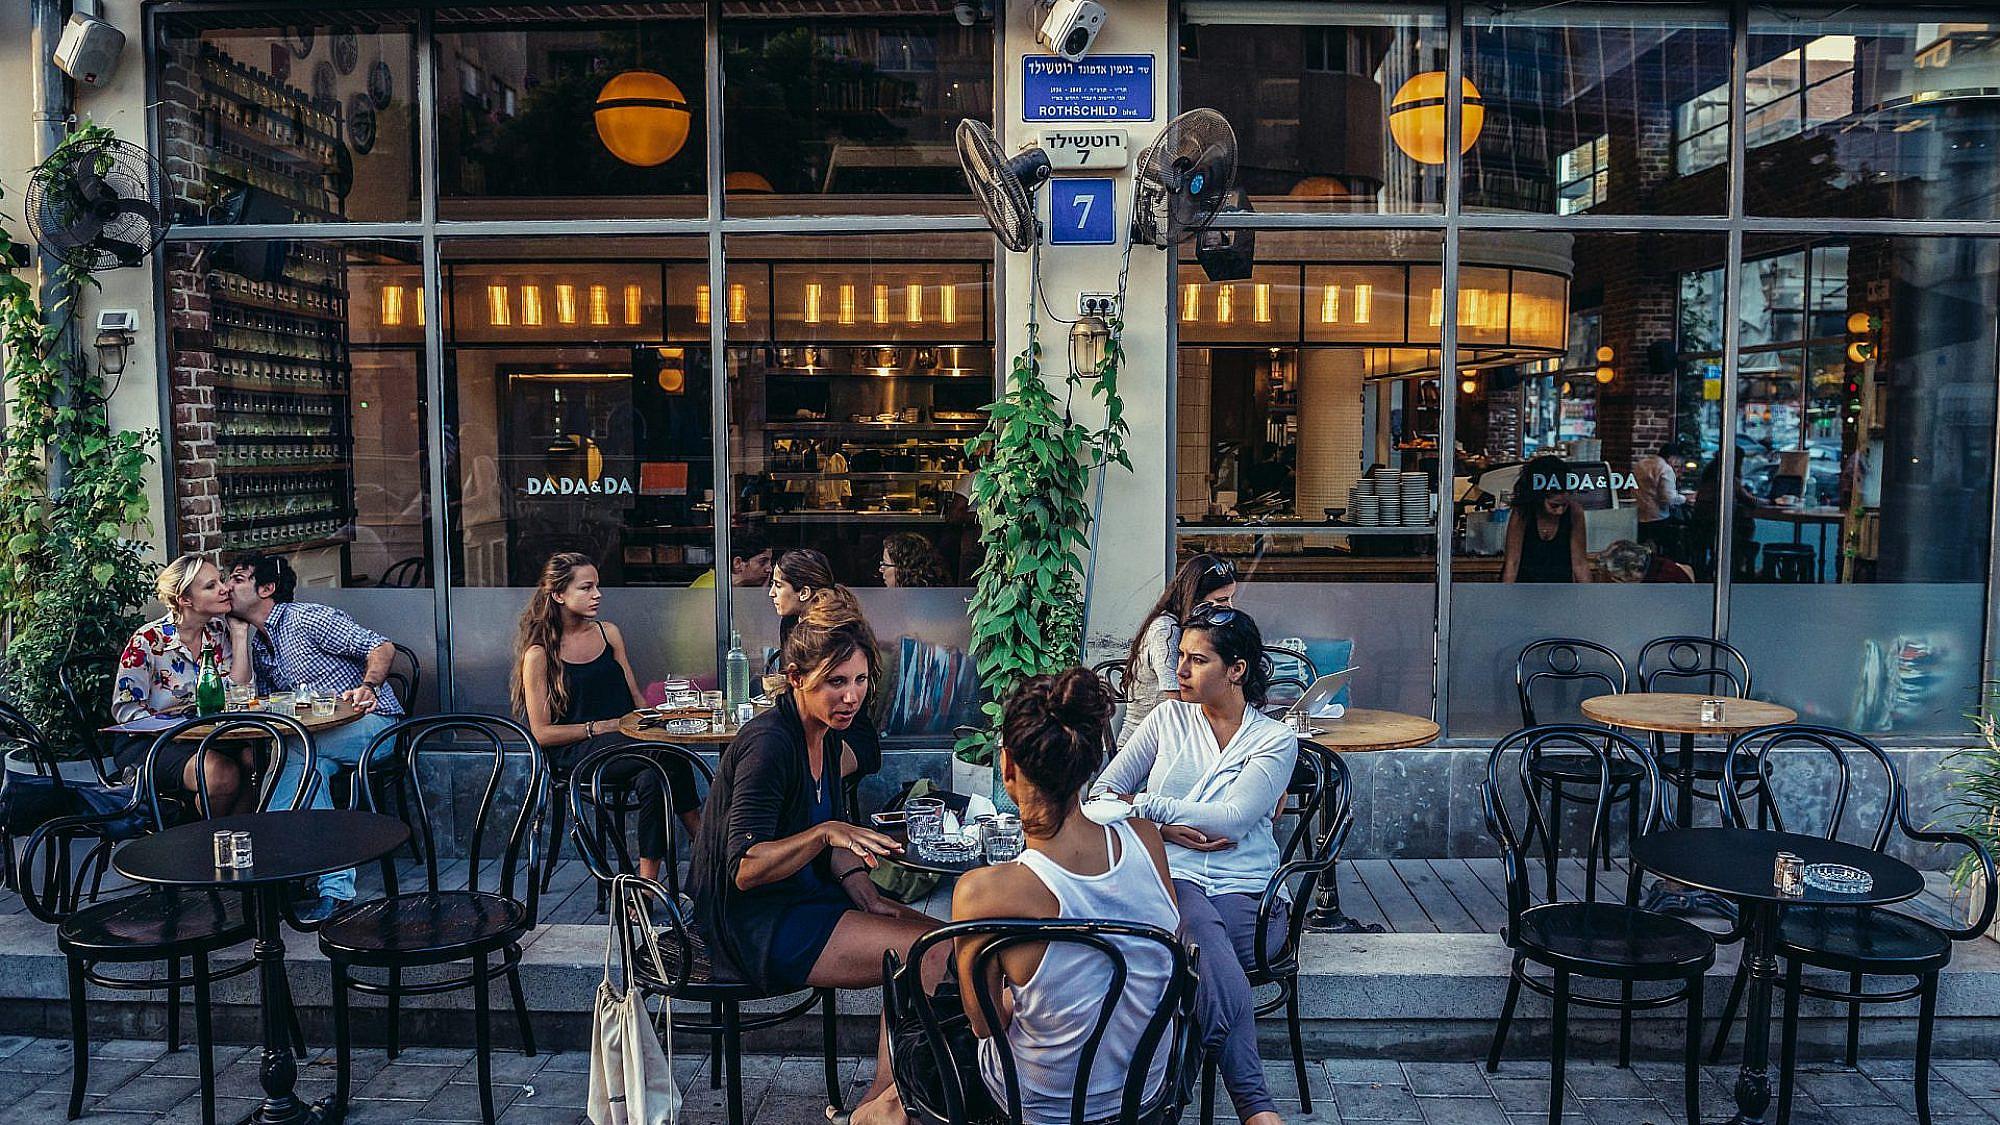 מסעדה בתל אביב. צילום: שאטרסטוק